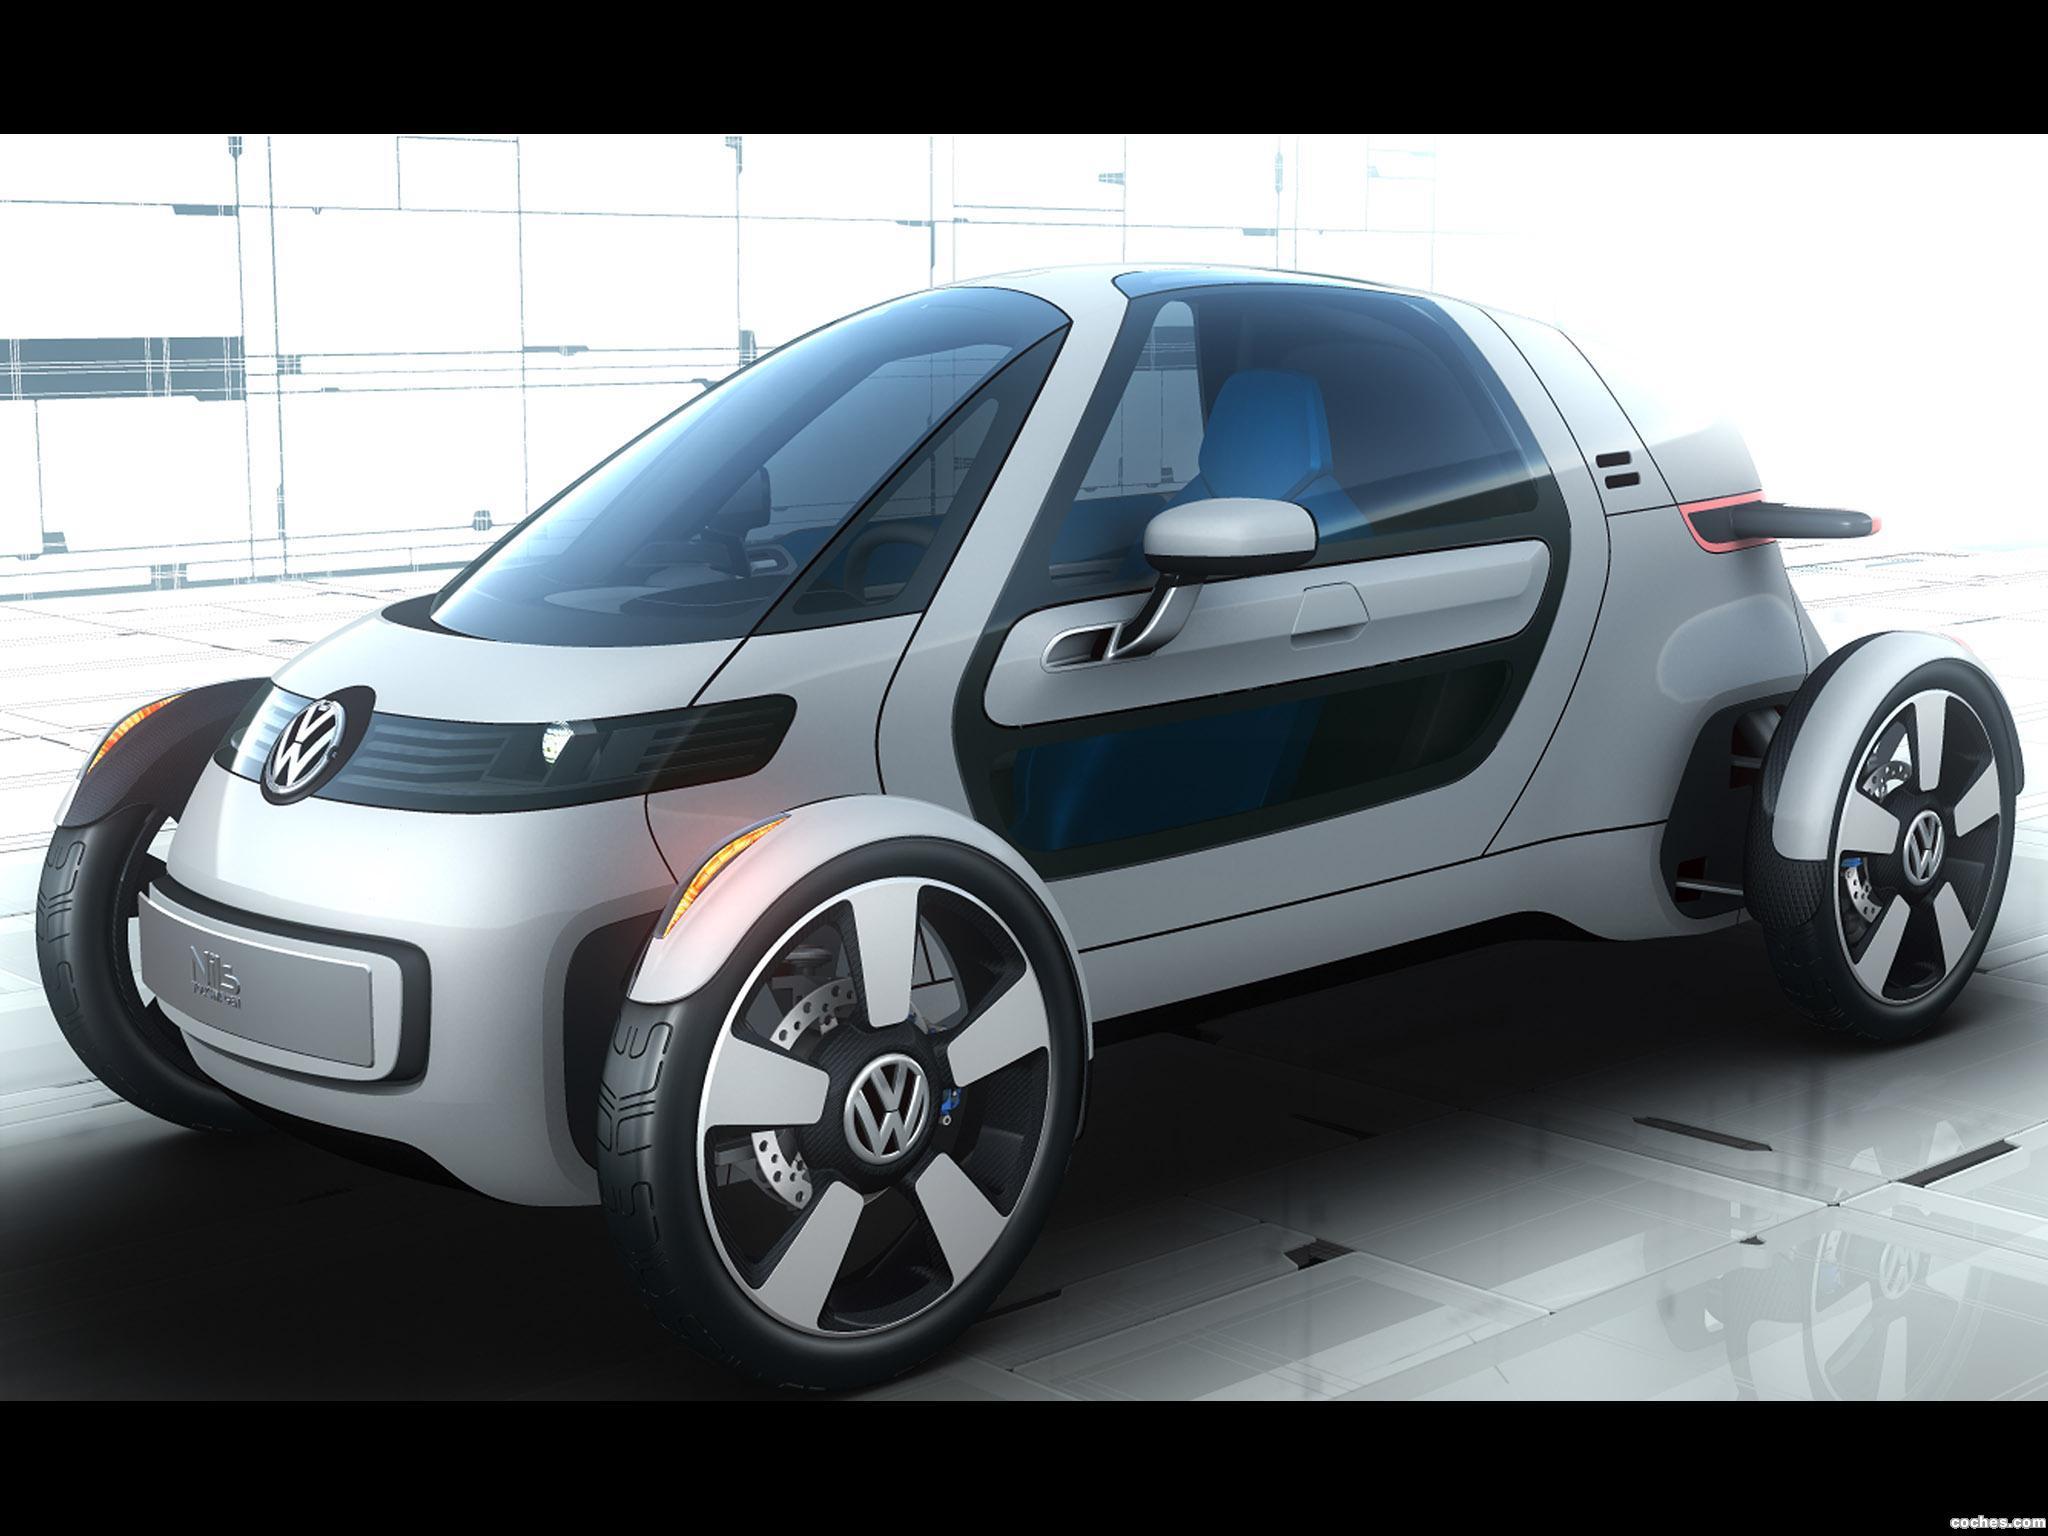 Foto 0 de Volkswagen Nils Concept 2011